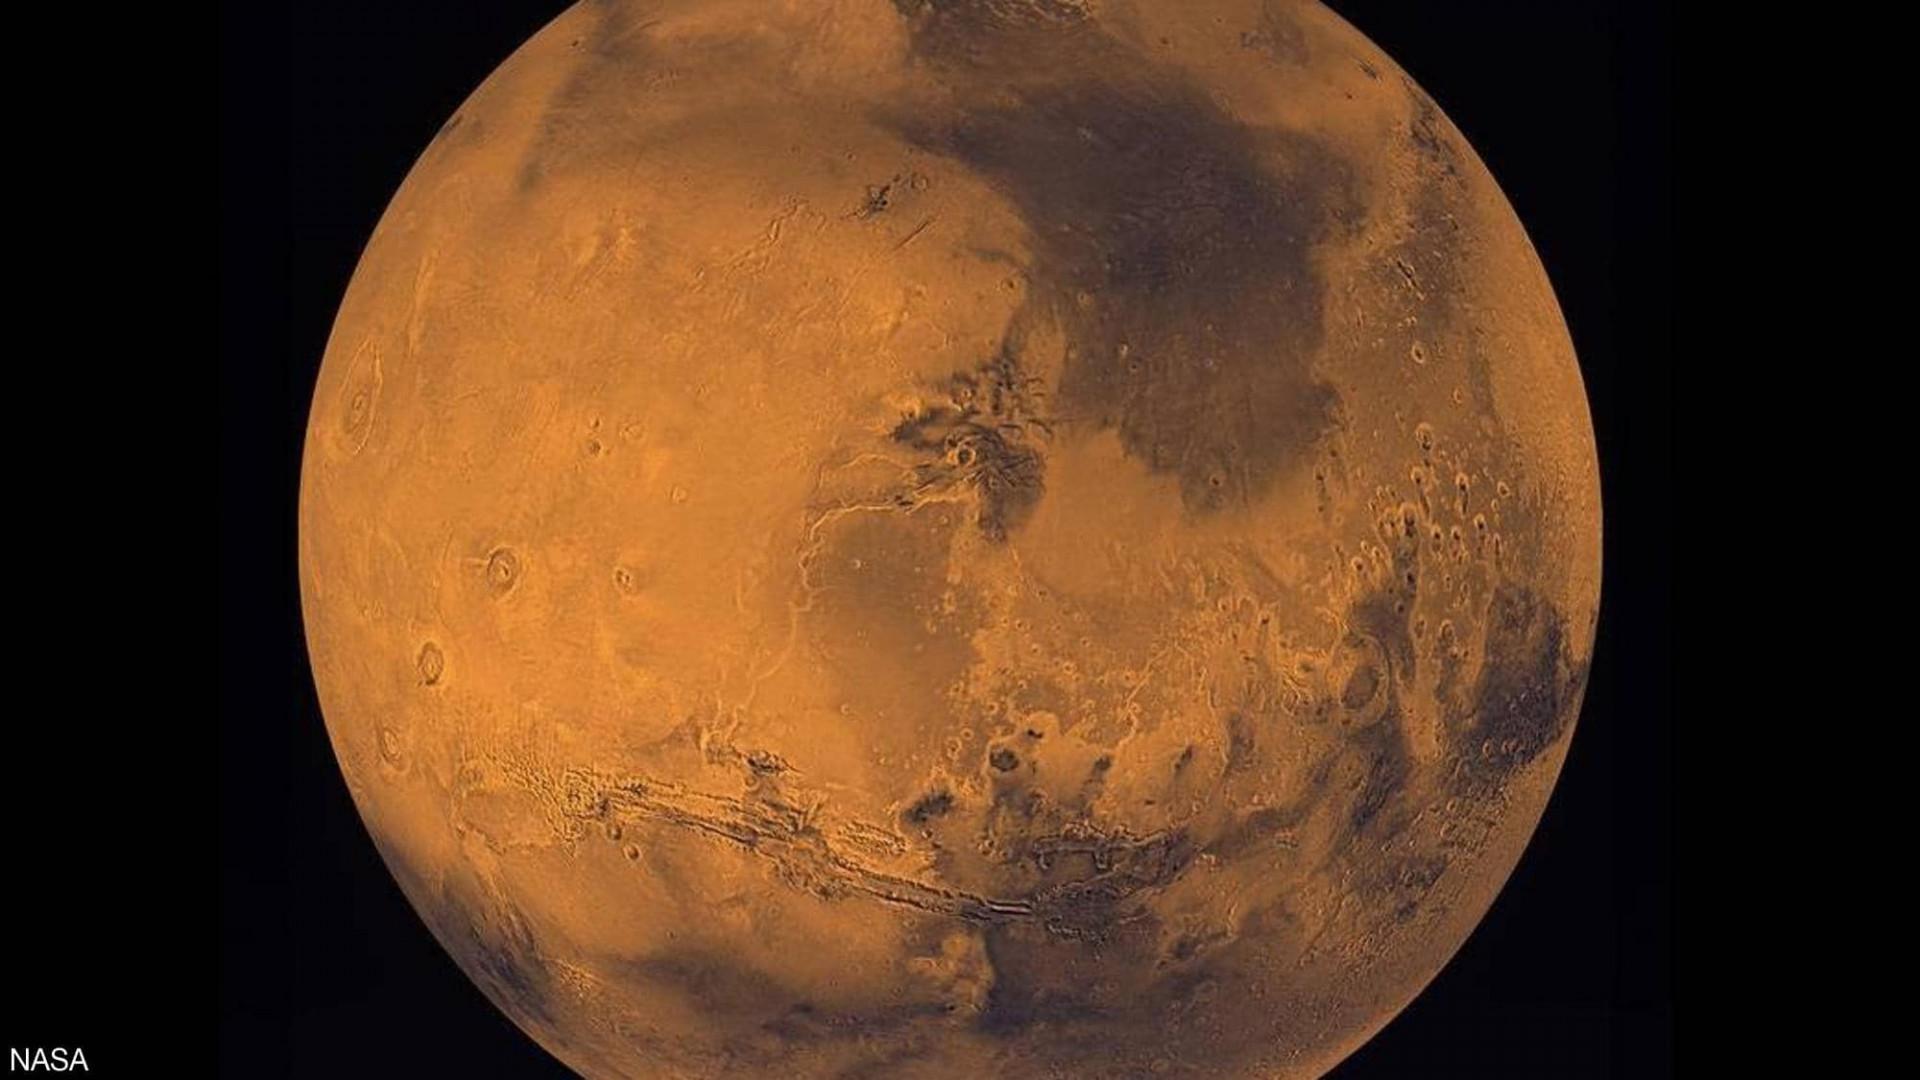 فيديو.. ناسا تنشر أول مقطع صوتي من المريخ